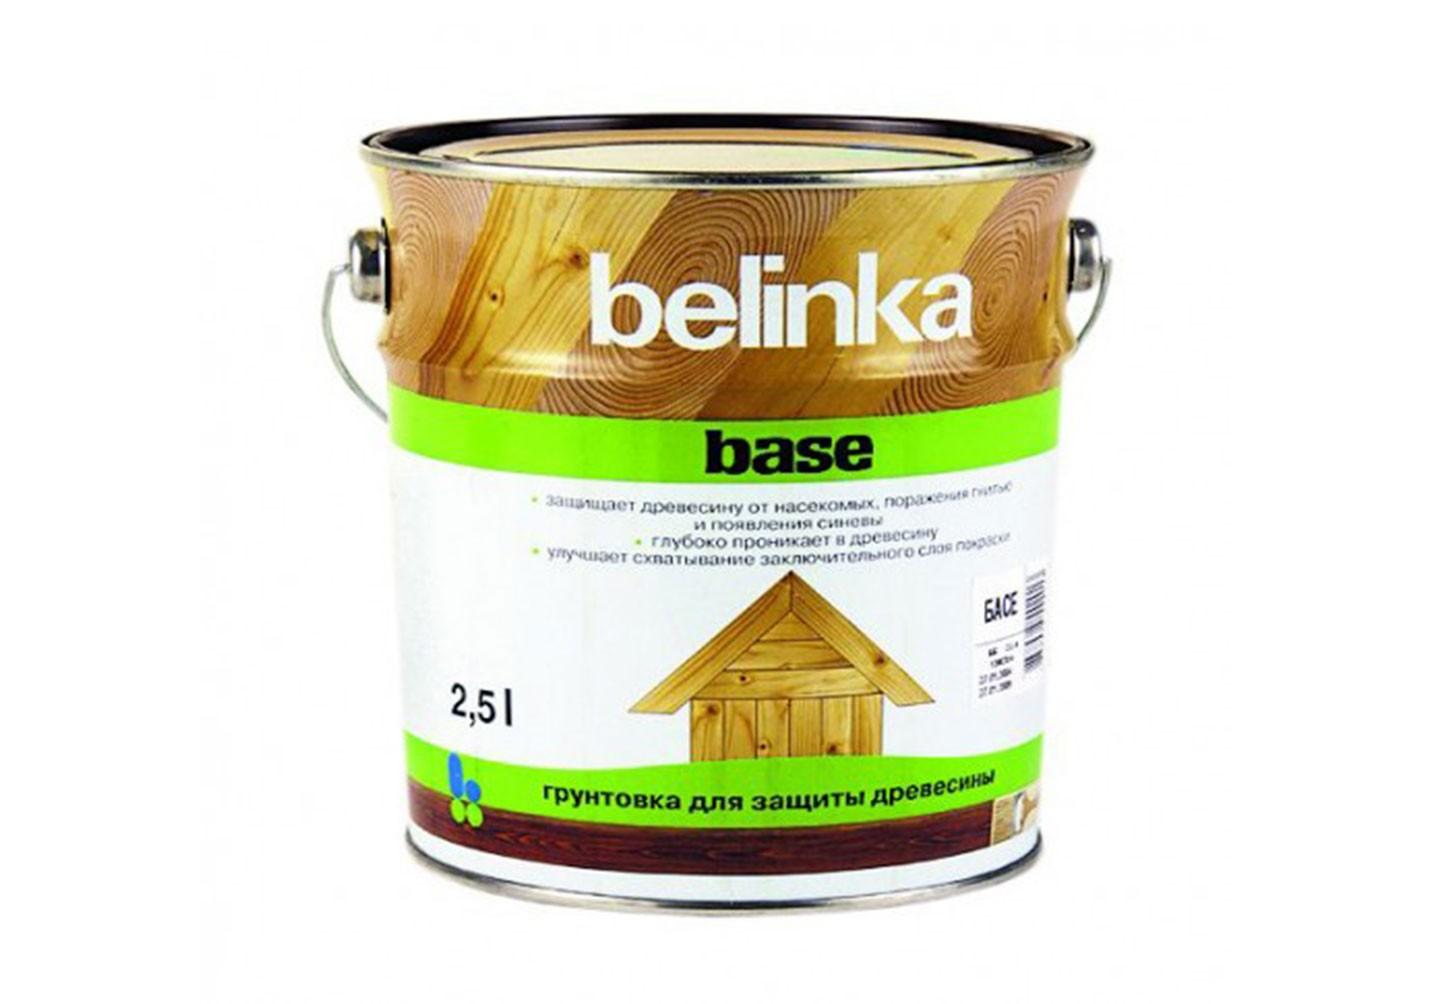 Belinka Base — бесцветная, глубоко проникающая грунтовка, предназначенная для превентивной защиты древесины от биологических повреждений.